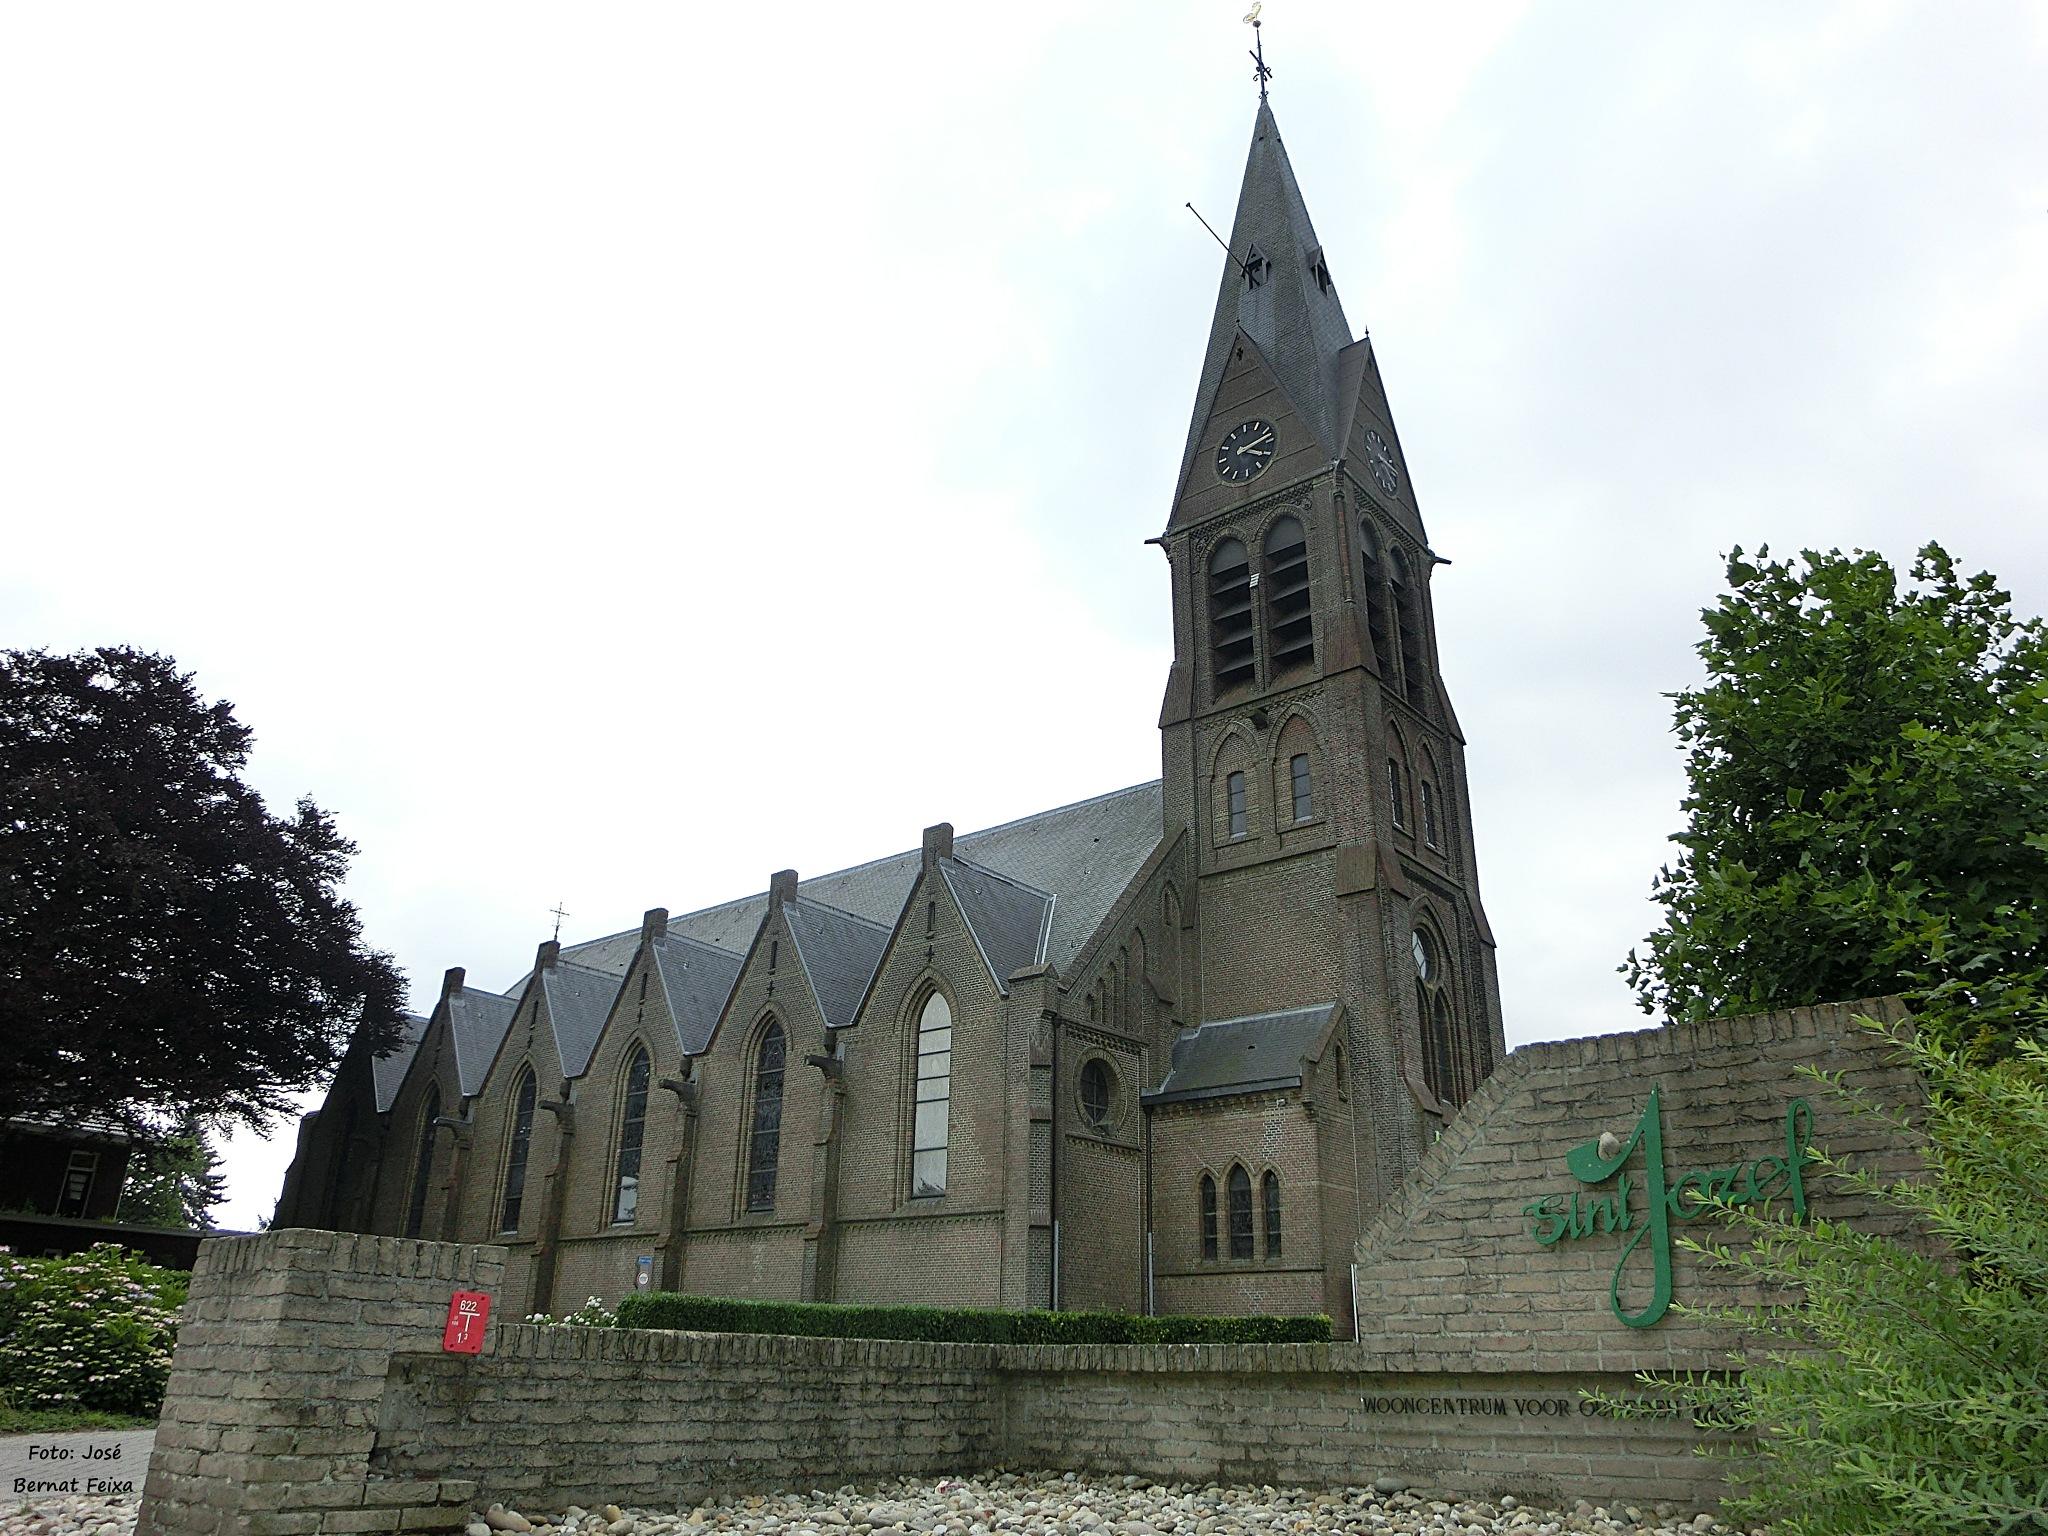 IGLESIA; KERK; CHURCH, Sappemeer by José Bernat Feixa